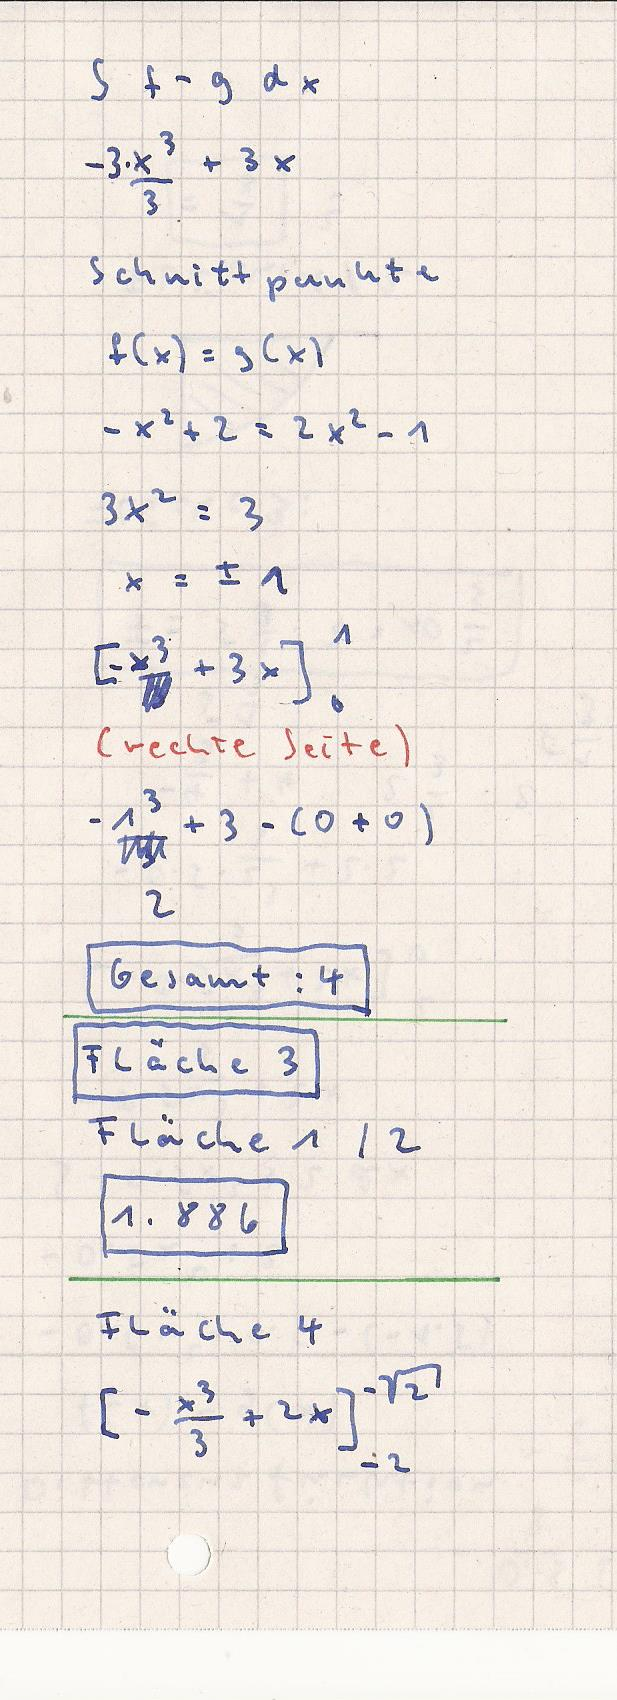 integralrechnung fl chen in verschiedenen quadranten a f x 0 5x 2 0 5 g x 1 5. Black Bedroom Furniture Sets. Home Design Ideas